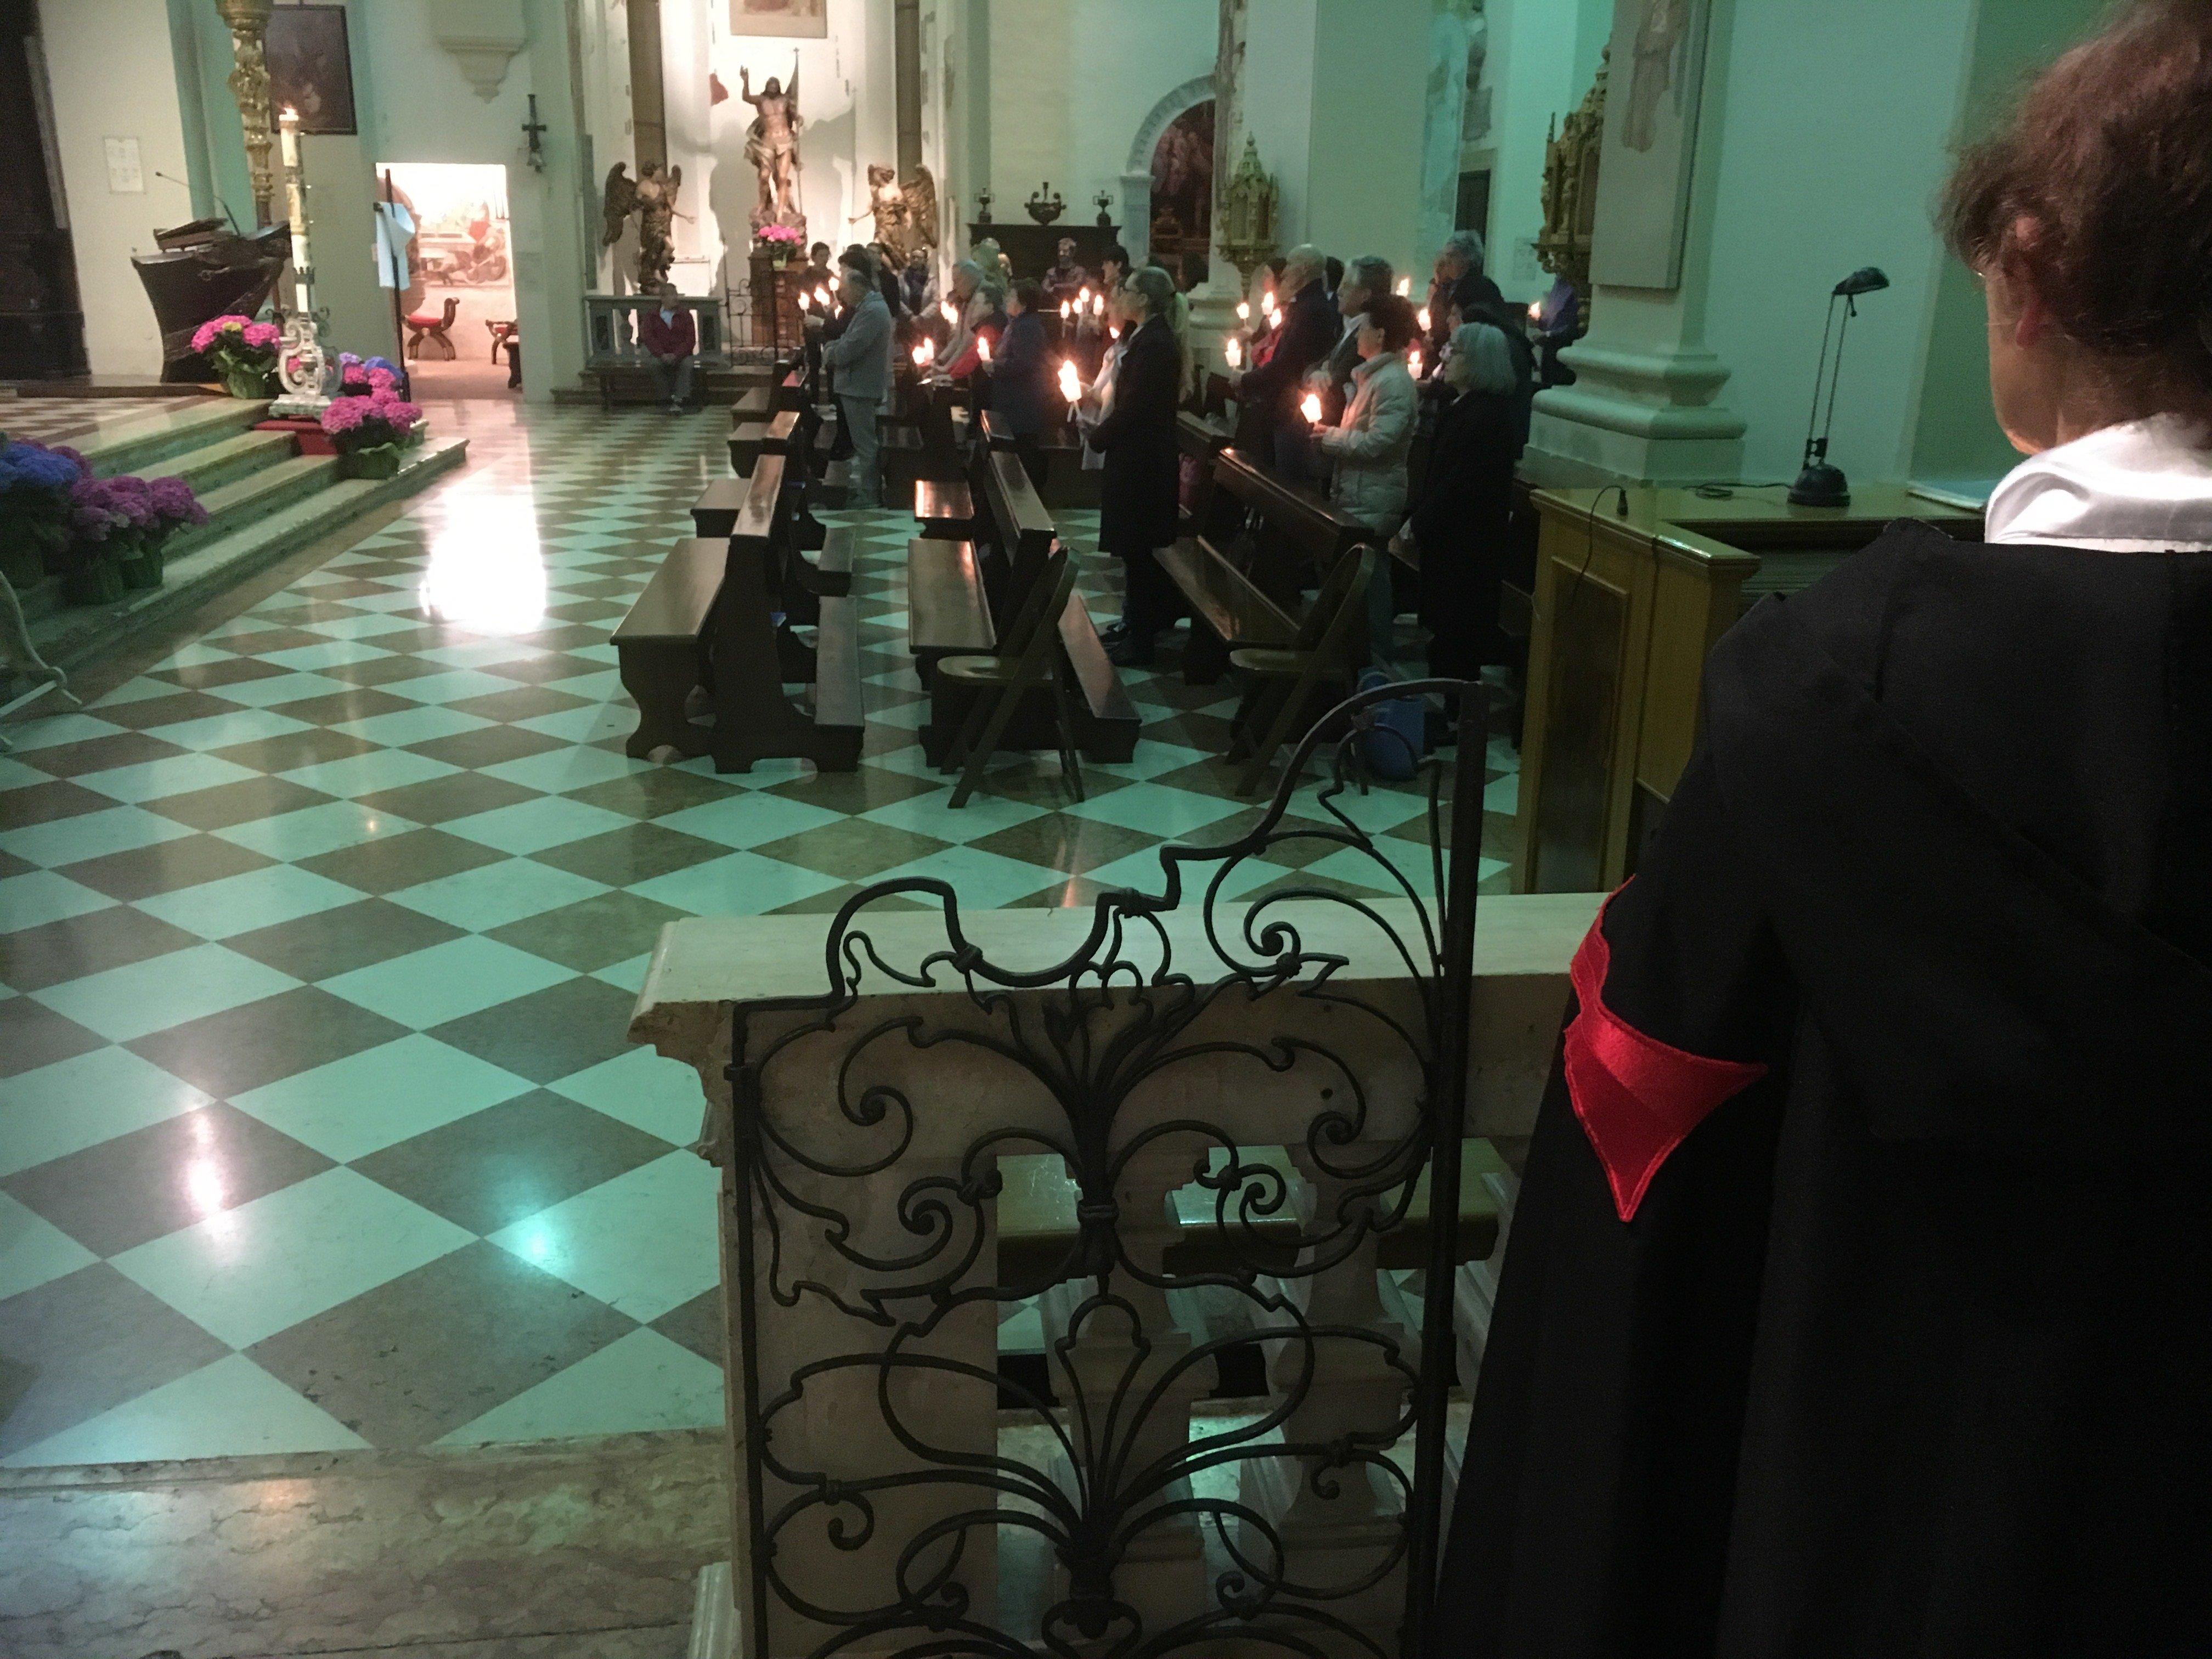 I Templari Cattolici d'Italia prestano servizio presso il duomo di Pordenone per le celebrazioni della veglia pasquale.